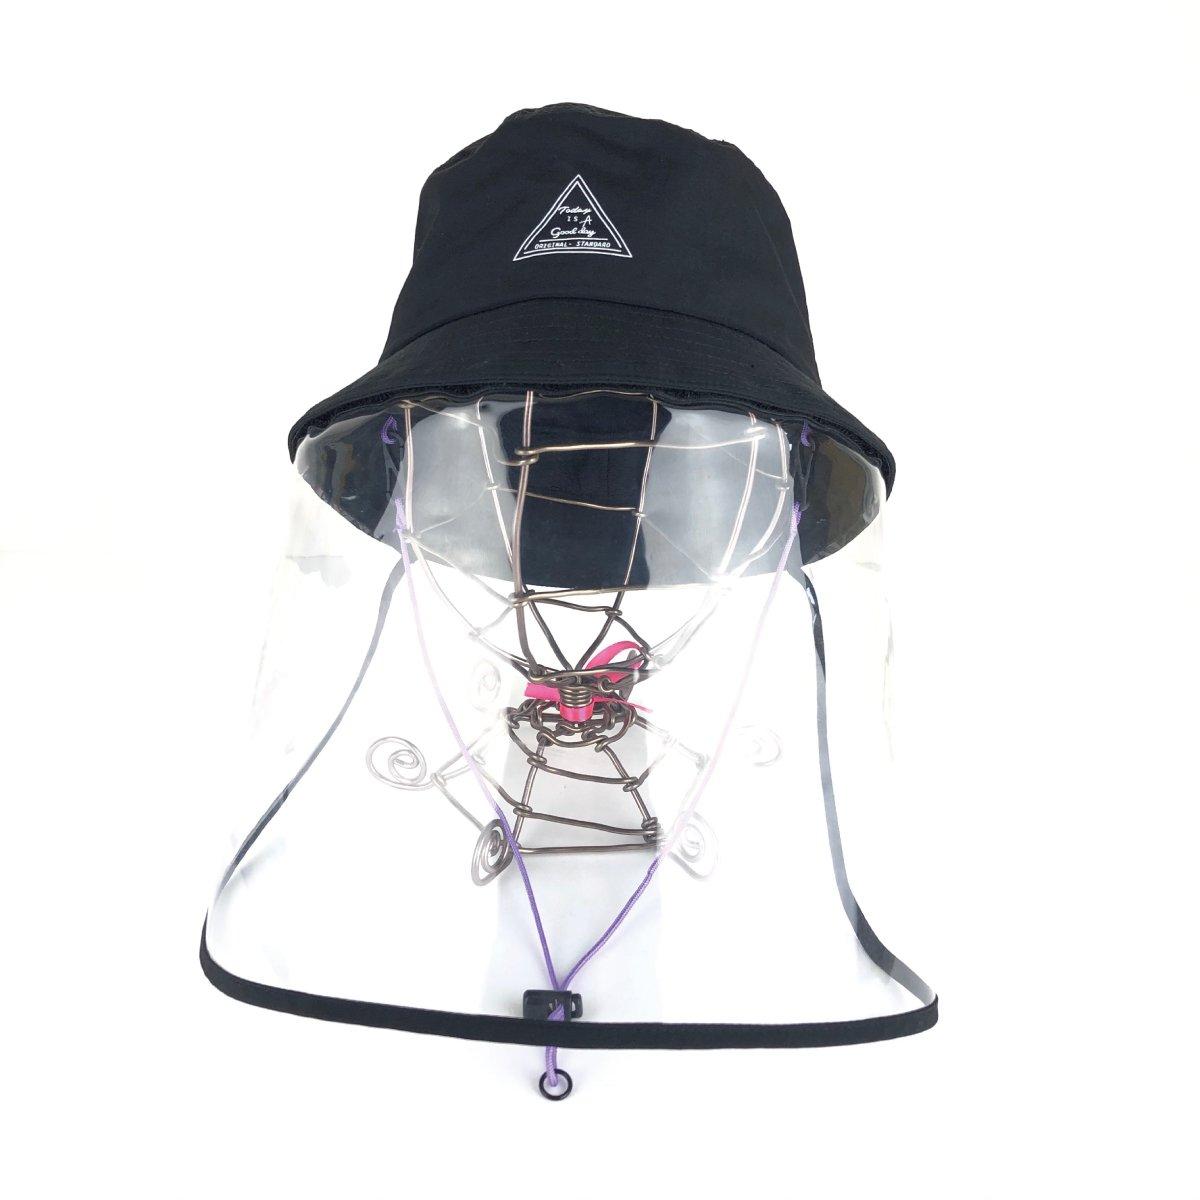 【KIDS】Kids Obey Hat 詳細画像12